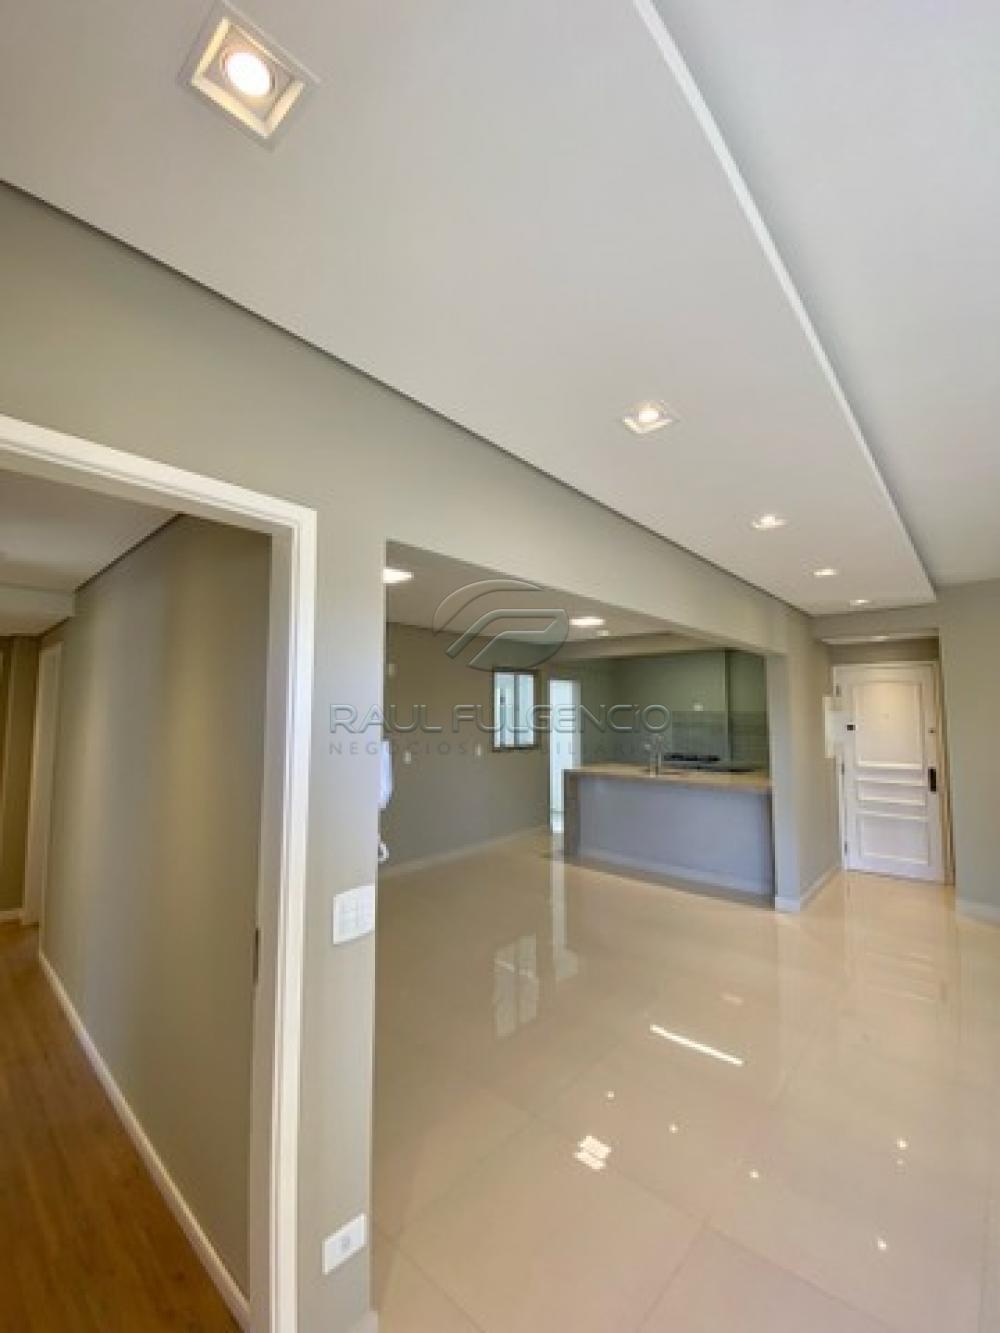 Comprar Apartamento / Padrão em Londrina R$ 499.000,00 - Foto 2